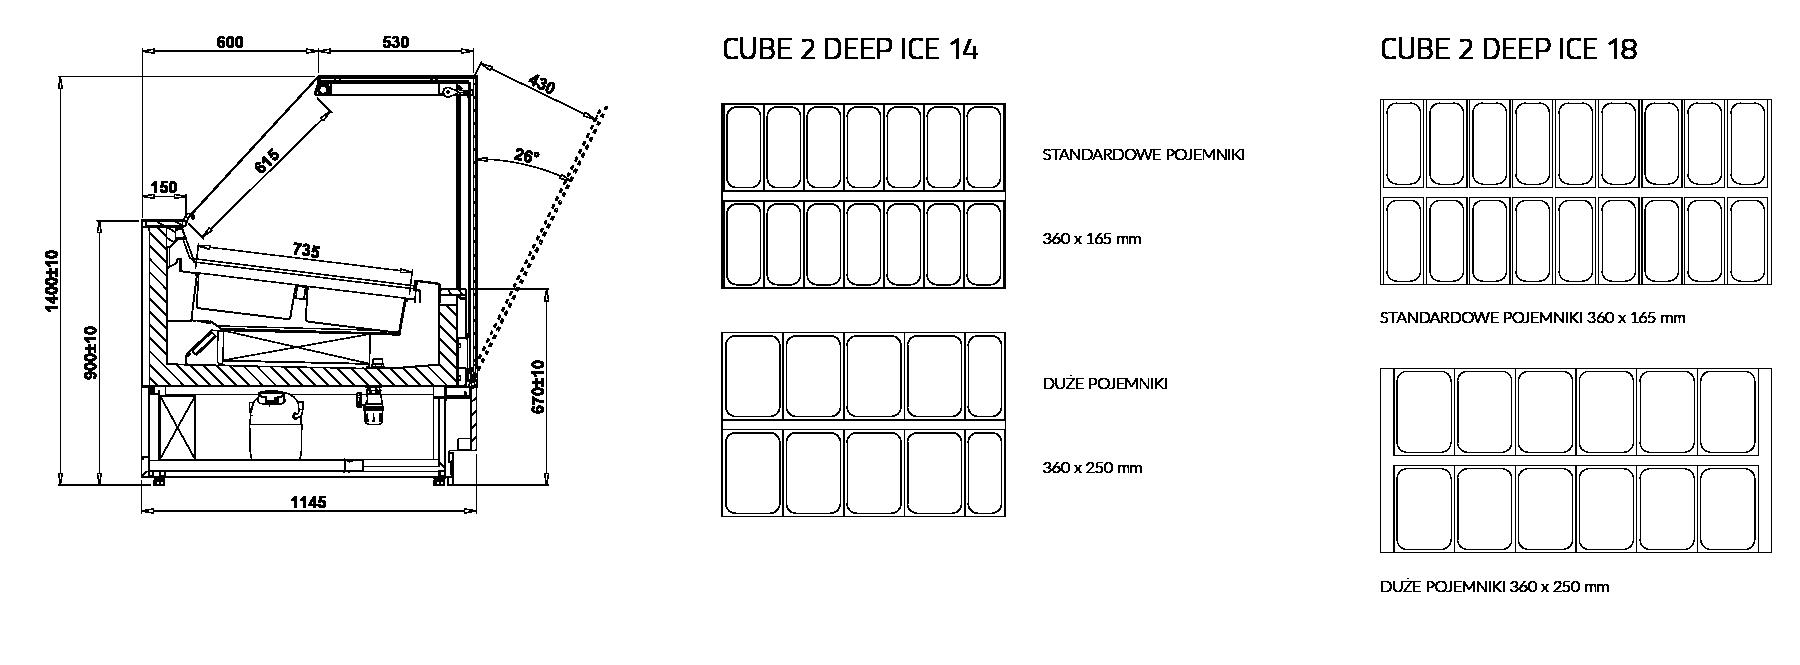 Rysunek techniczny Dystrybutor do lodów CUBE 2 DEEP ICE